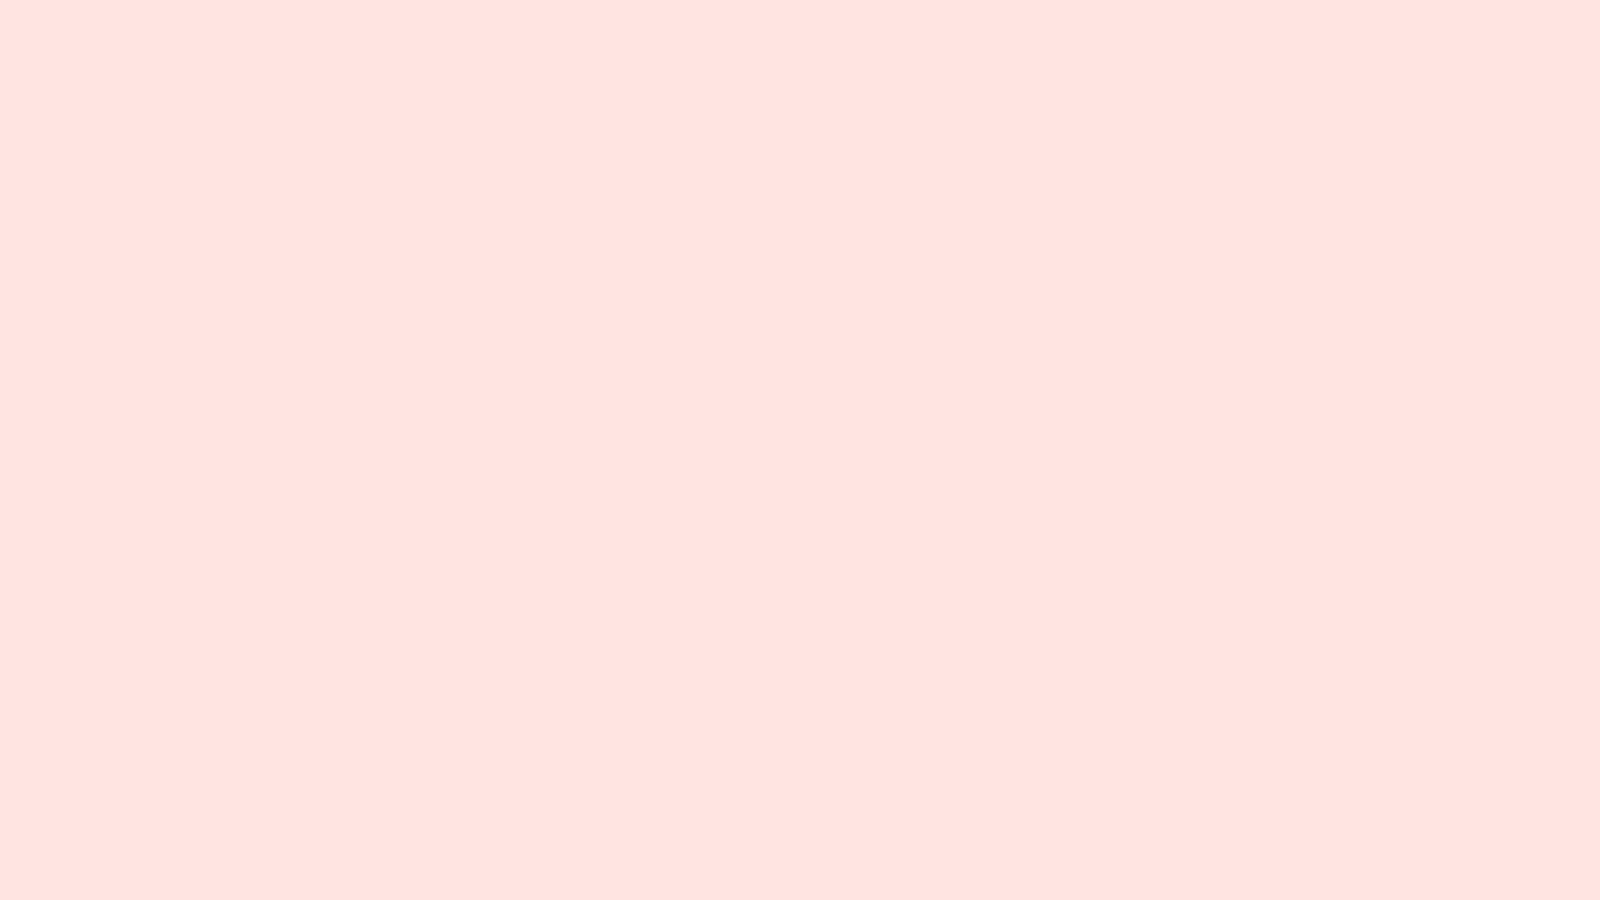 1600x900 Misty Rose Solid Color Background